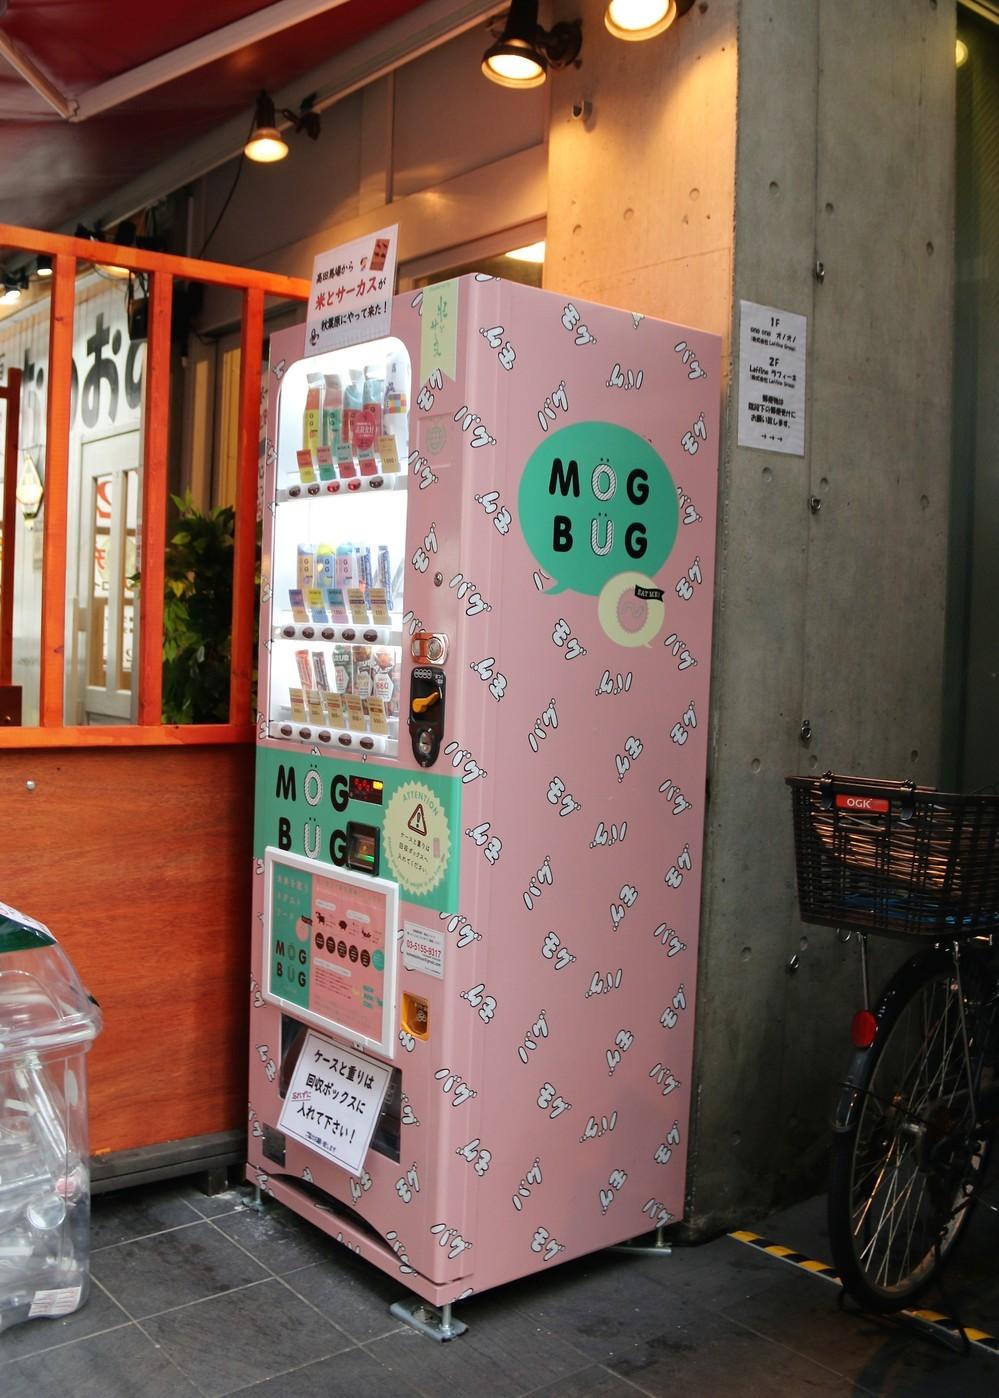 タピオカの次は「虫食」がくる! 秋葉原「女性向け昆虫自販機」でオケラをパクリ